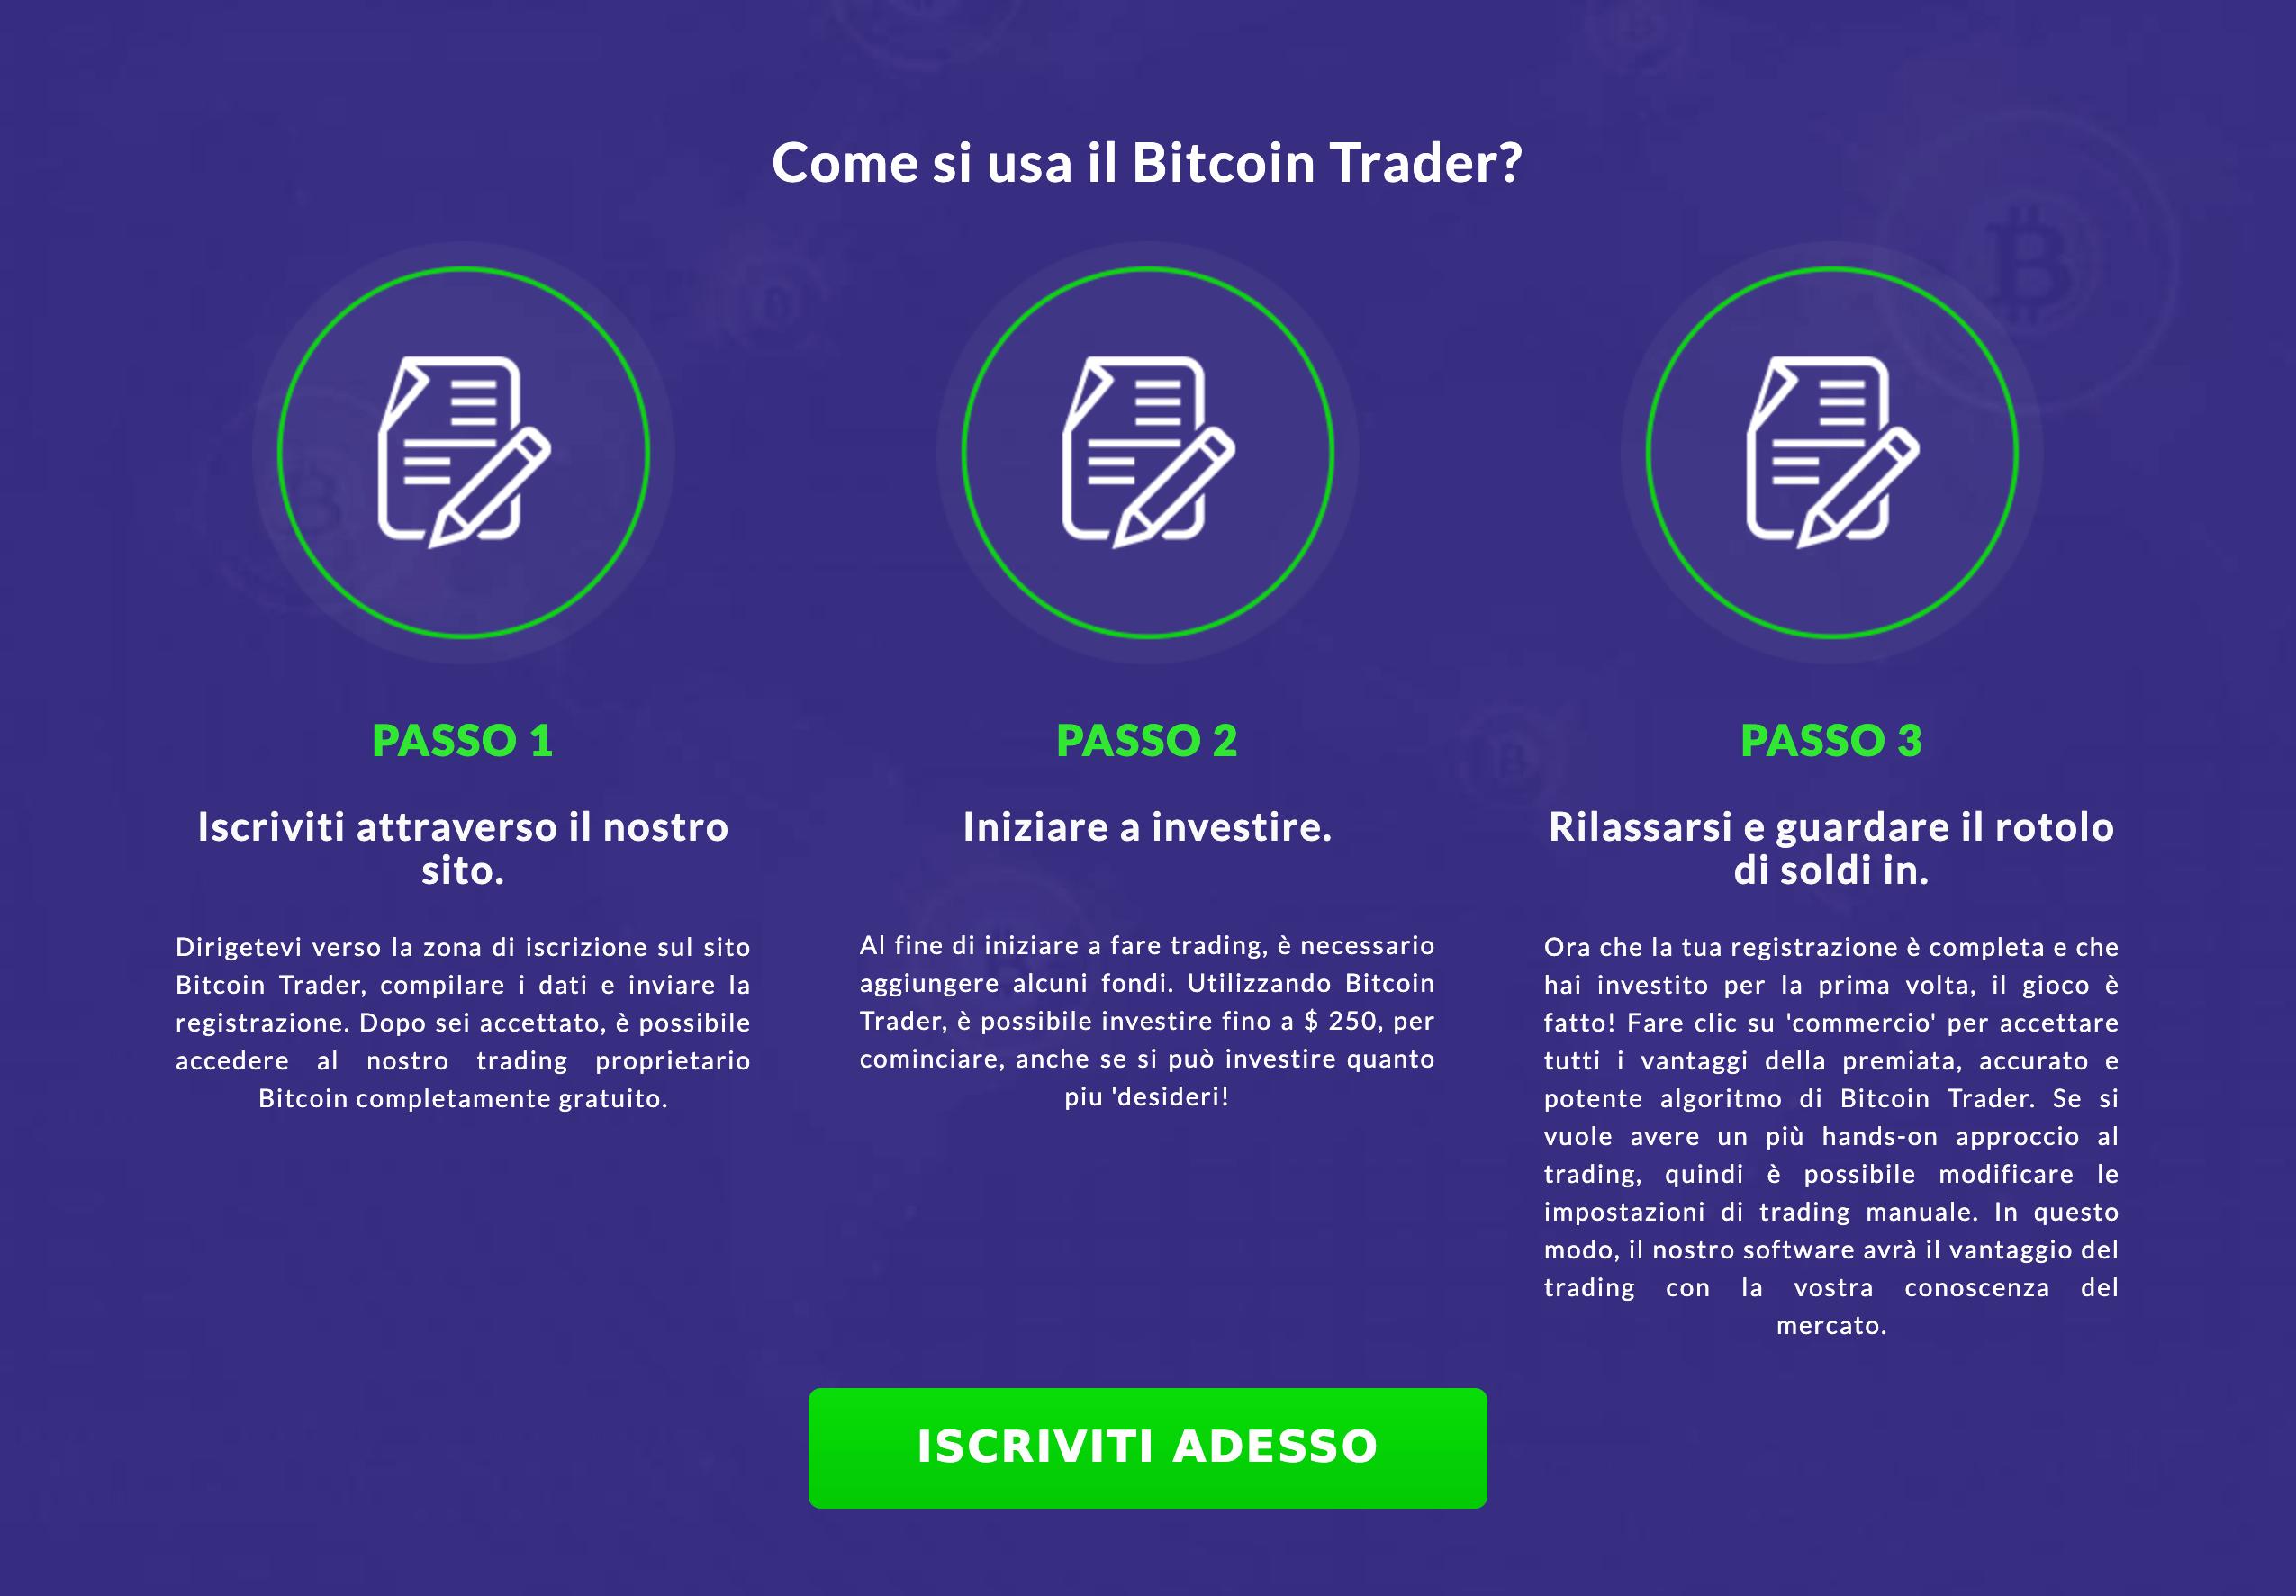 bitcoin trader è un con